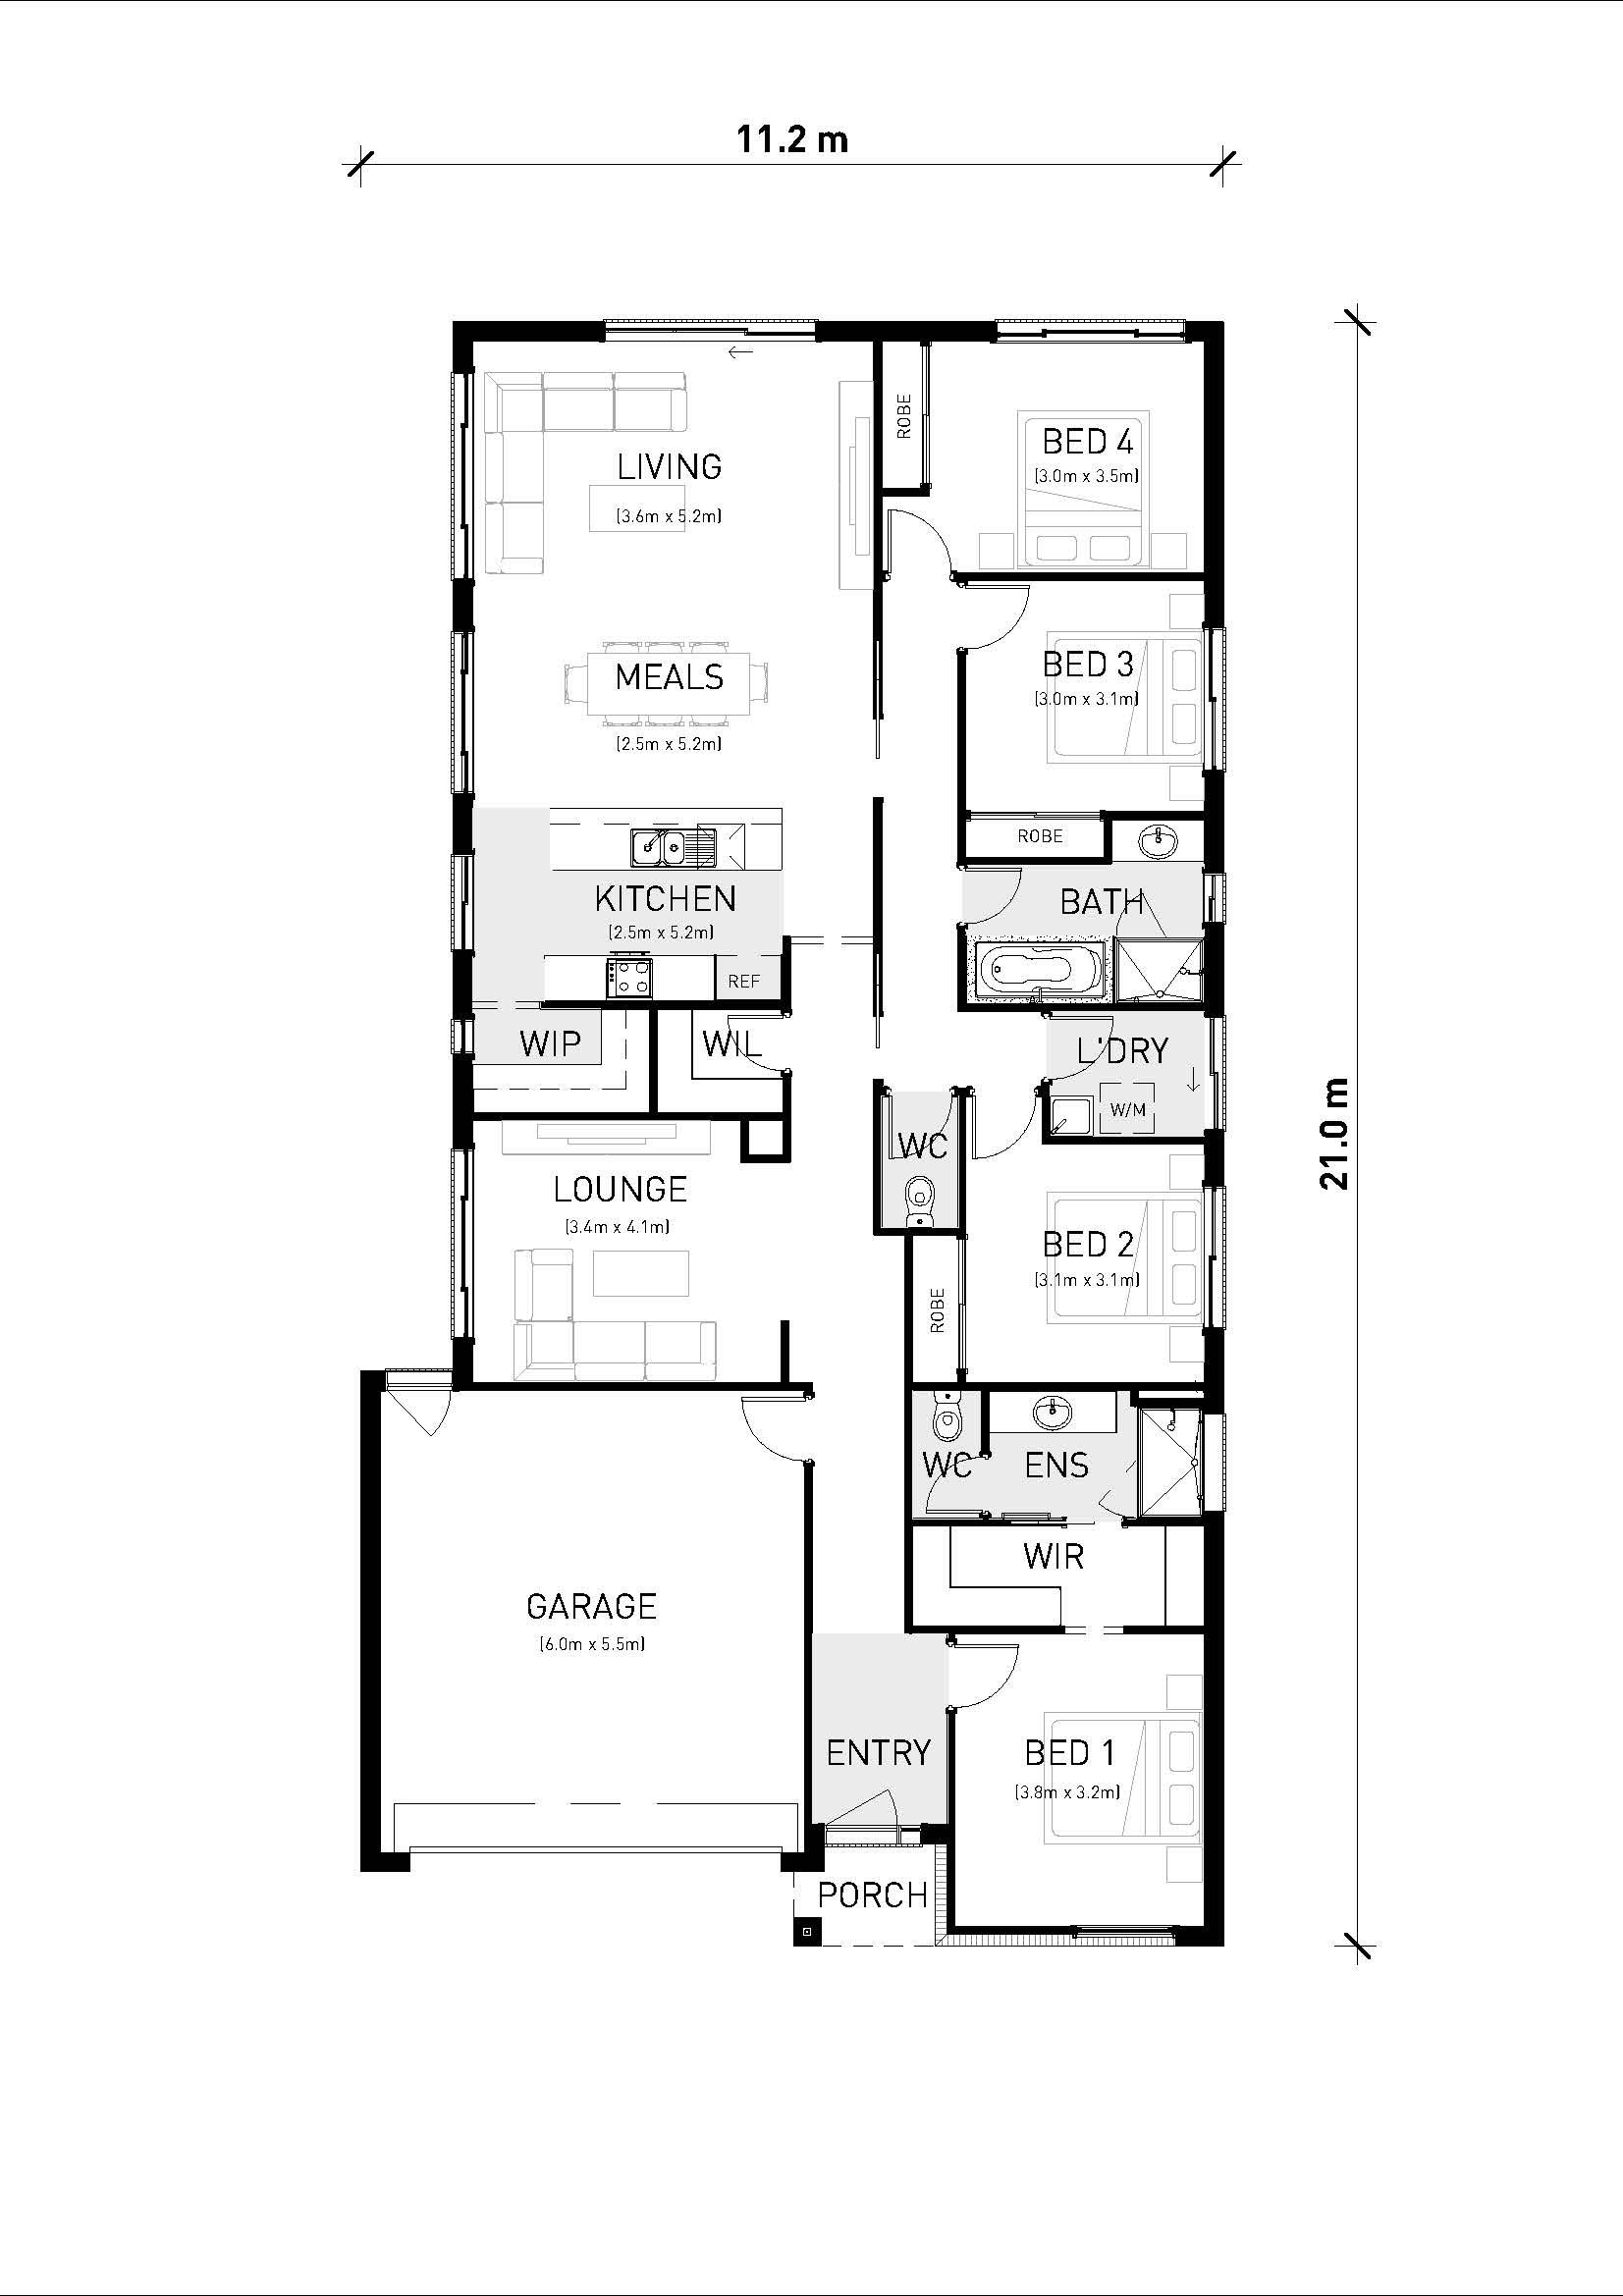 Thornhill 212 Floorplan